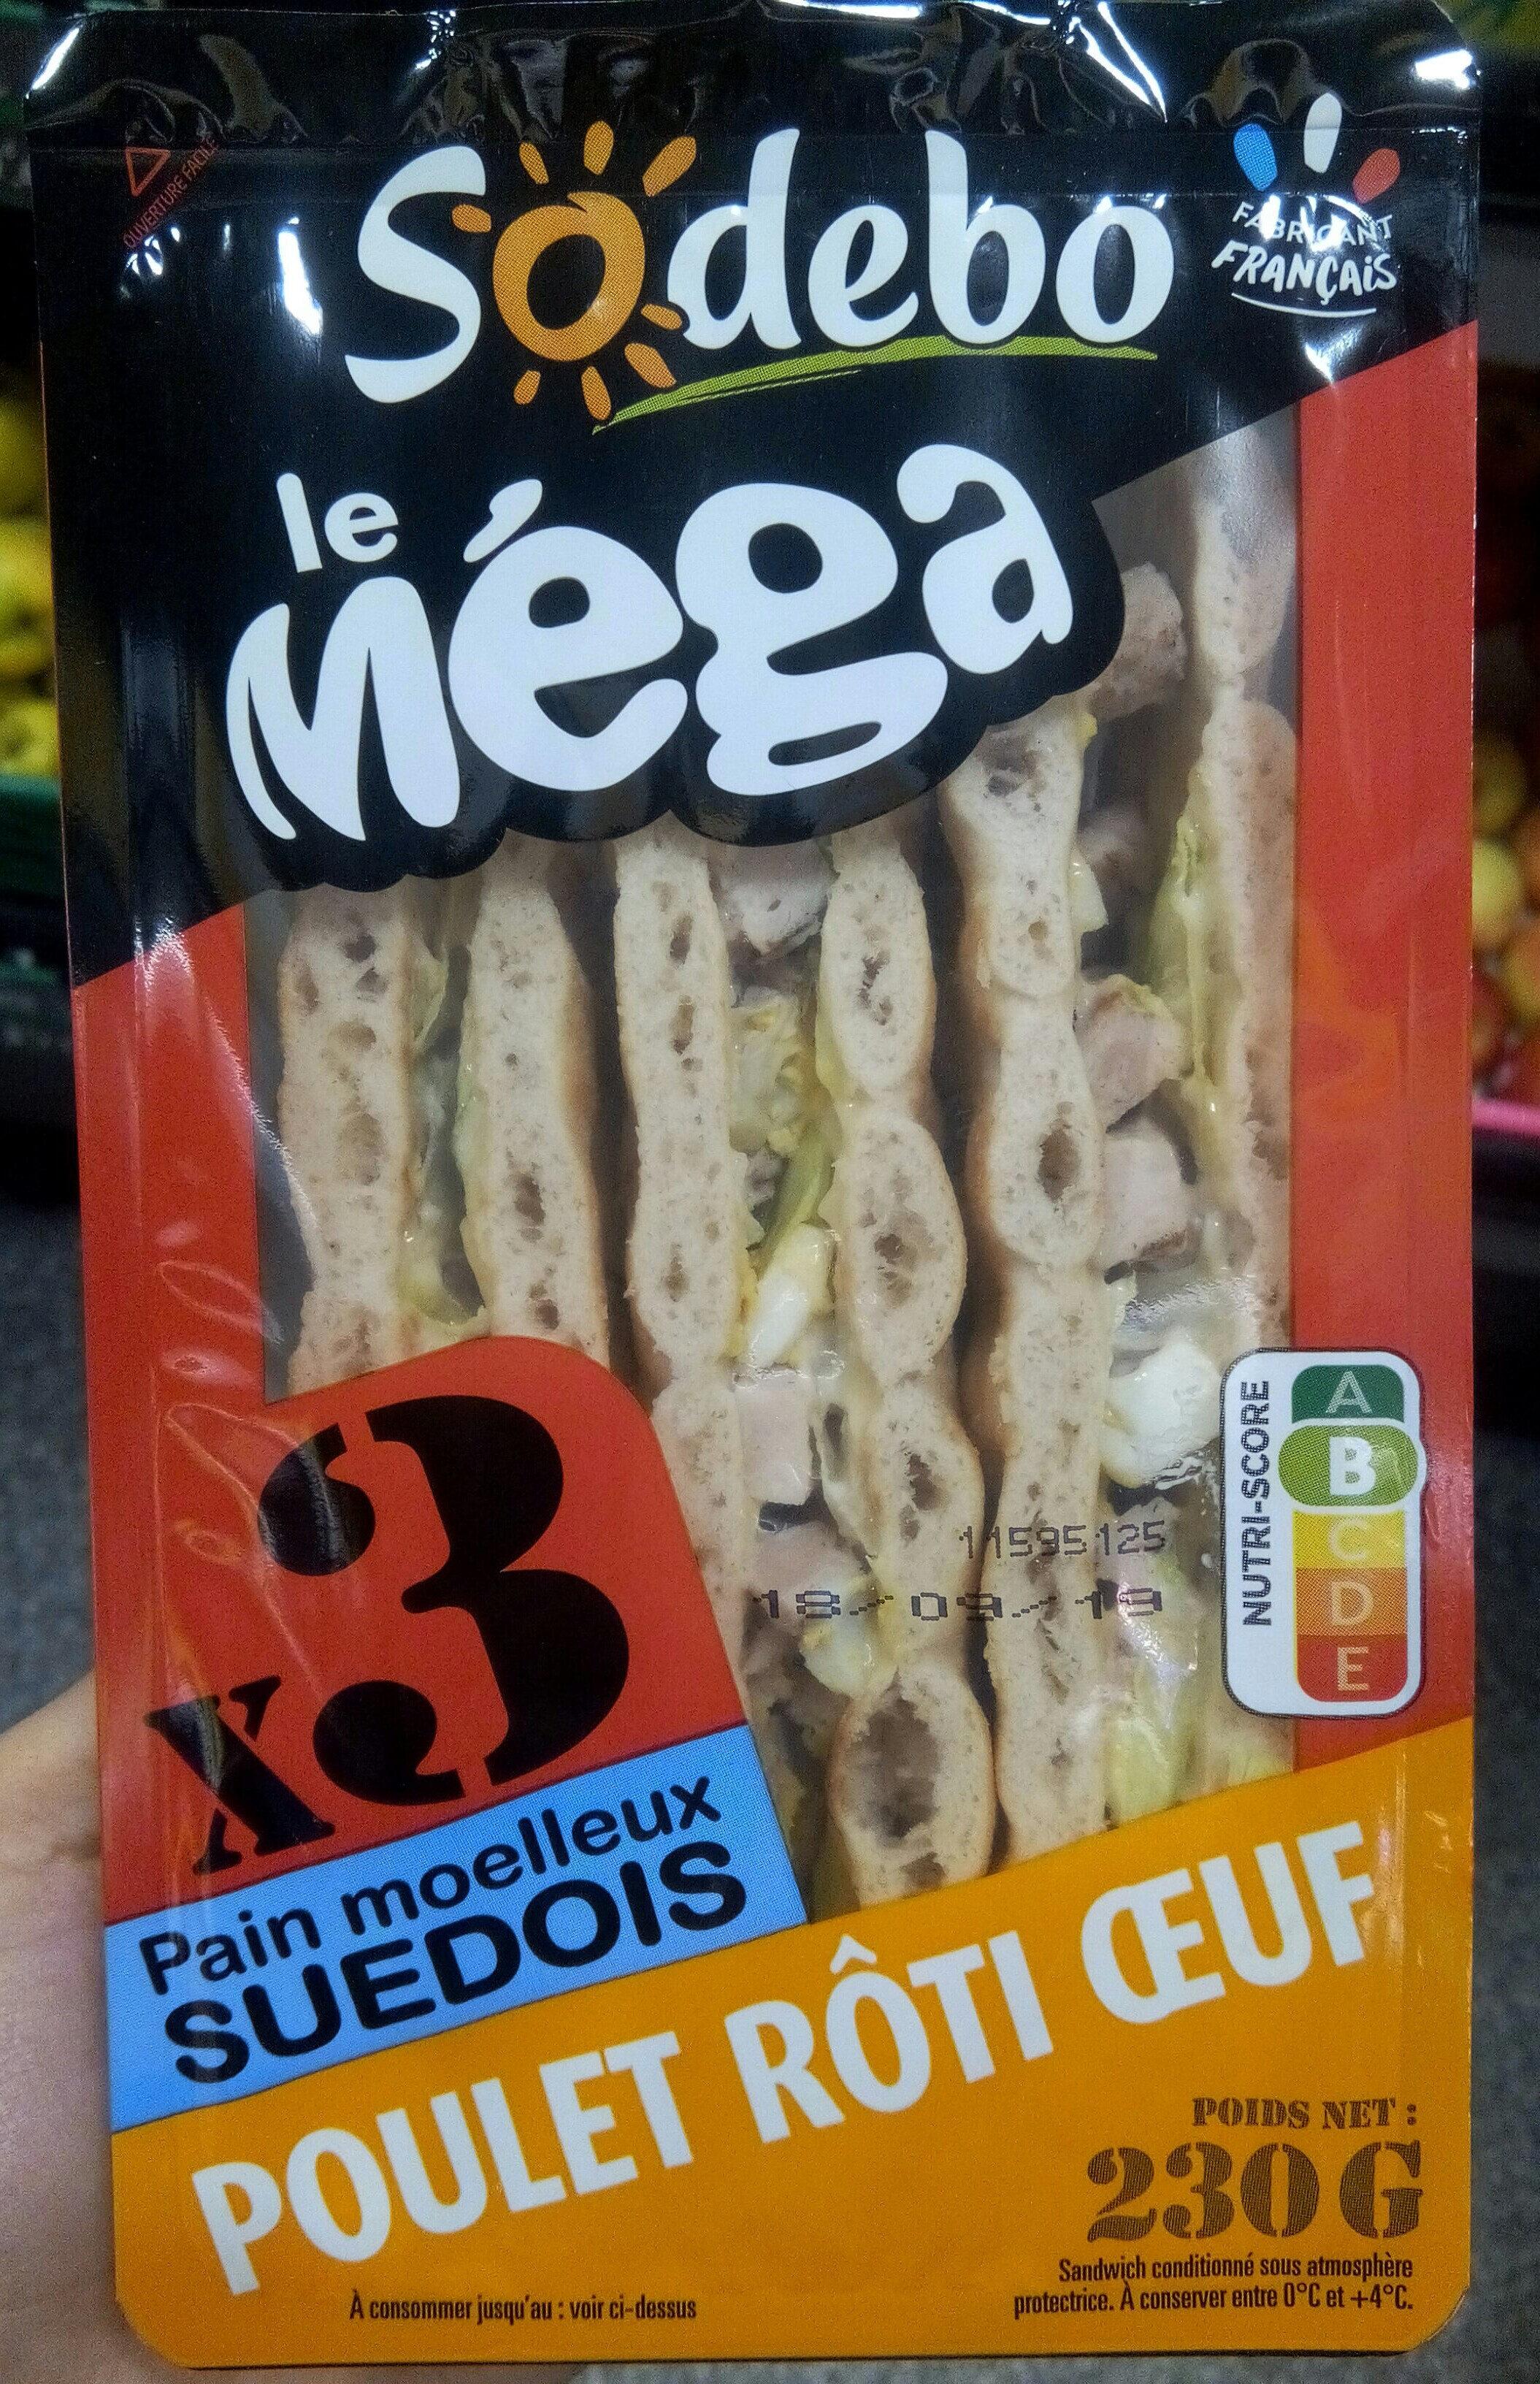 Sandwich Le Méga - Club - Poulet rôti Oeuf x3 / pain suédois - Producto